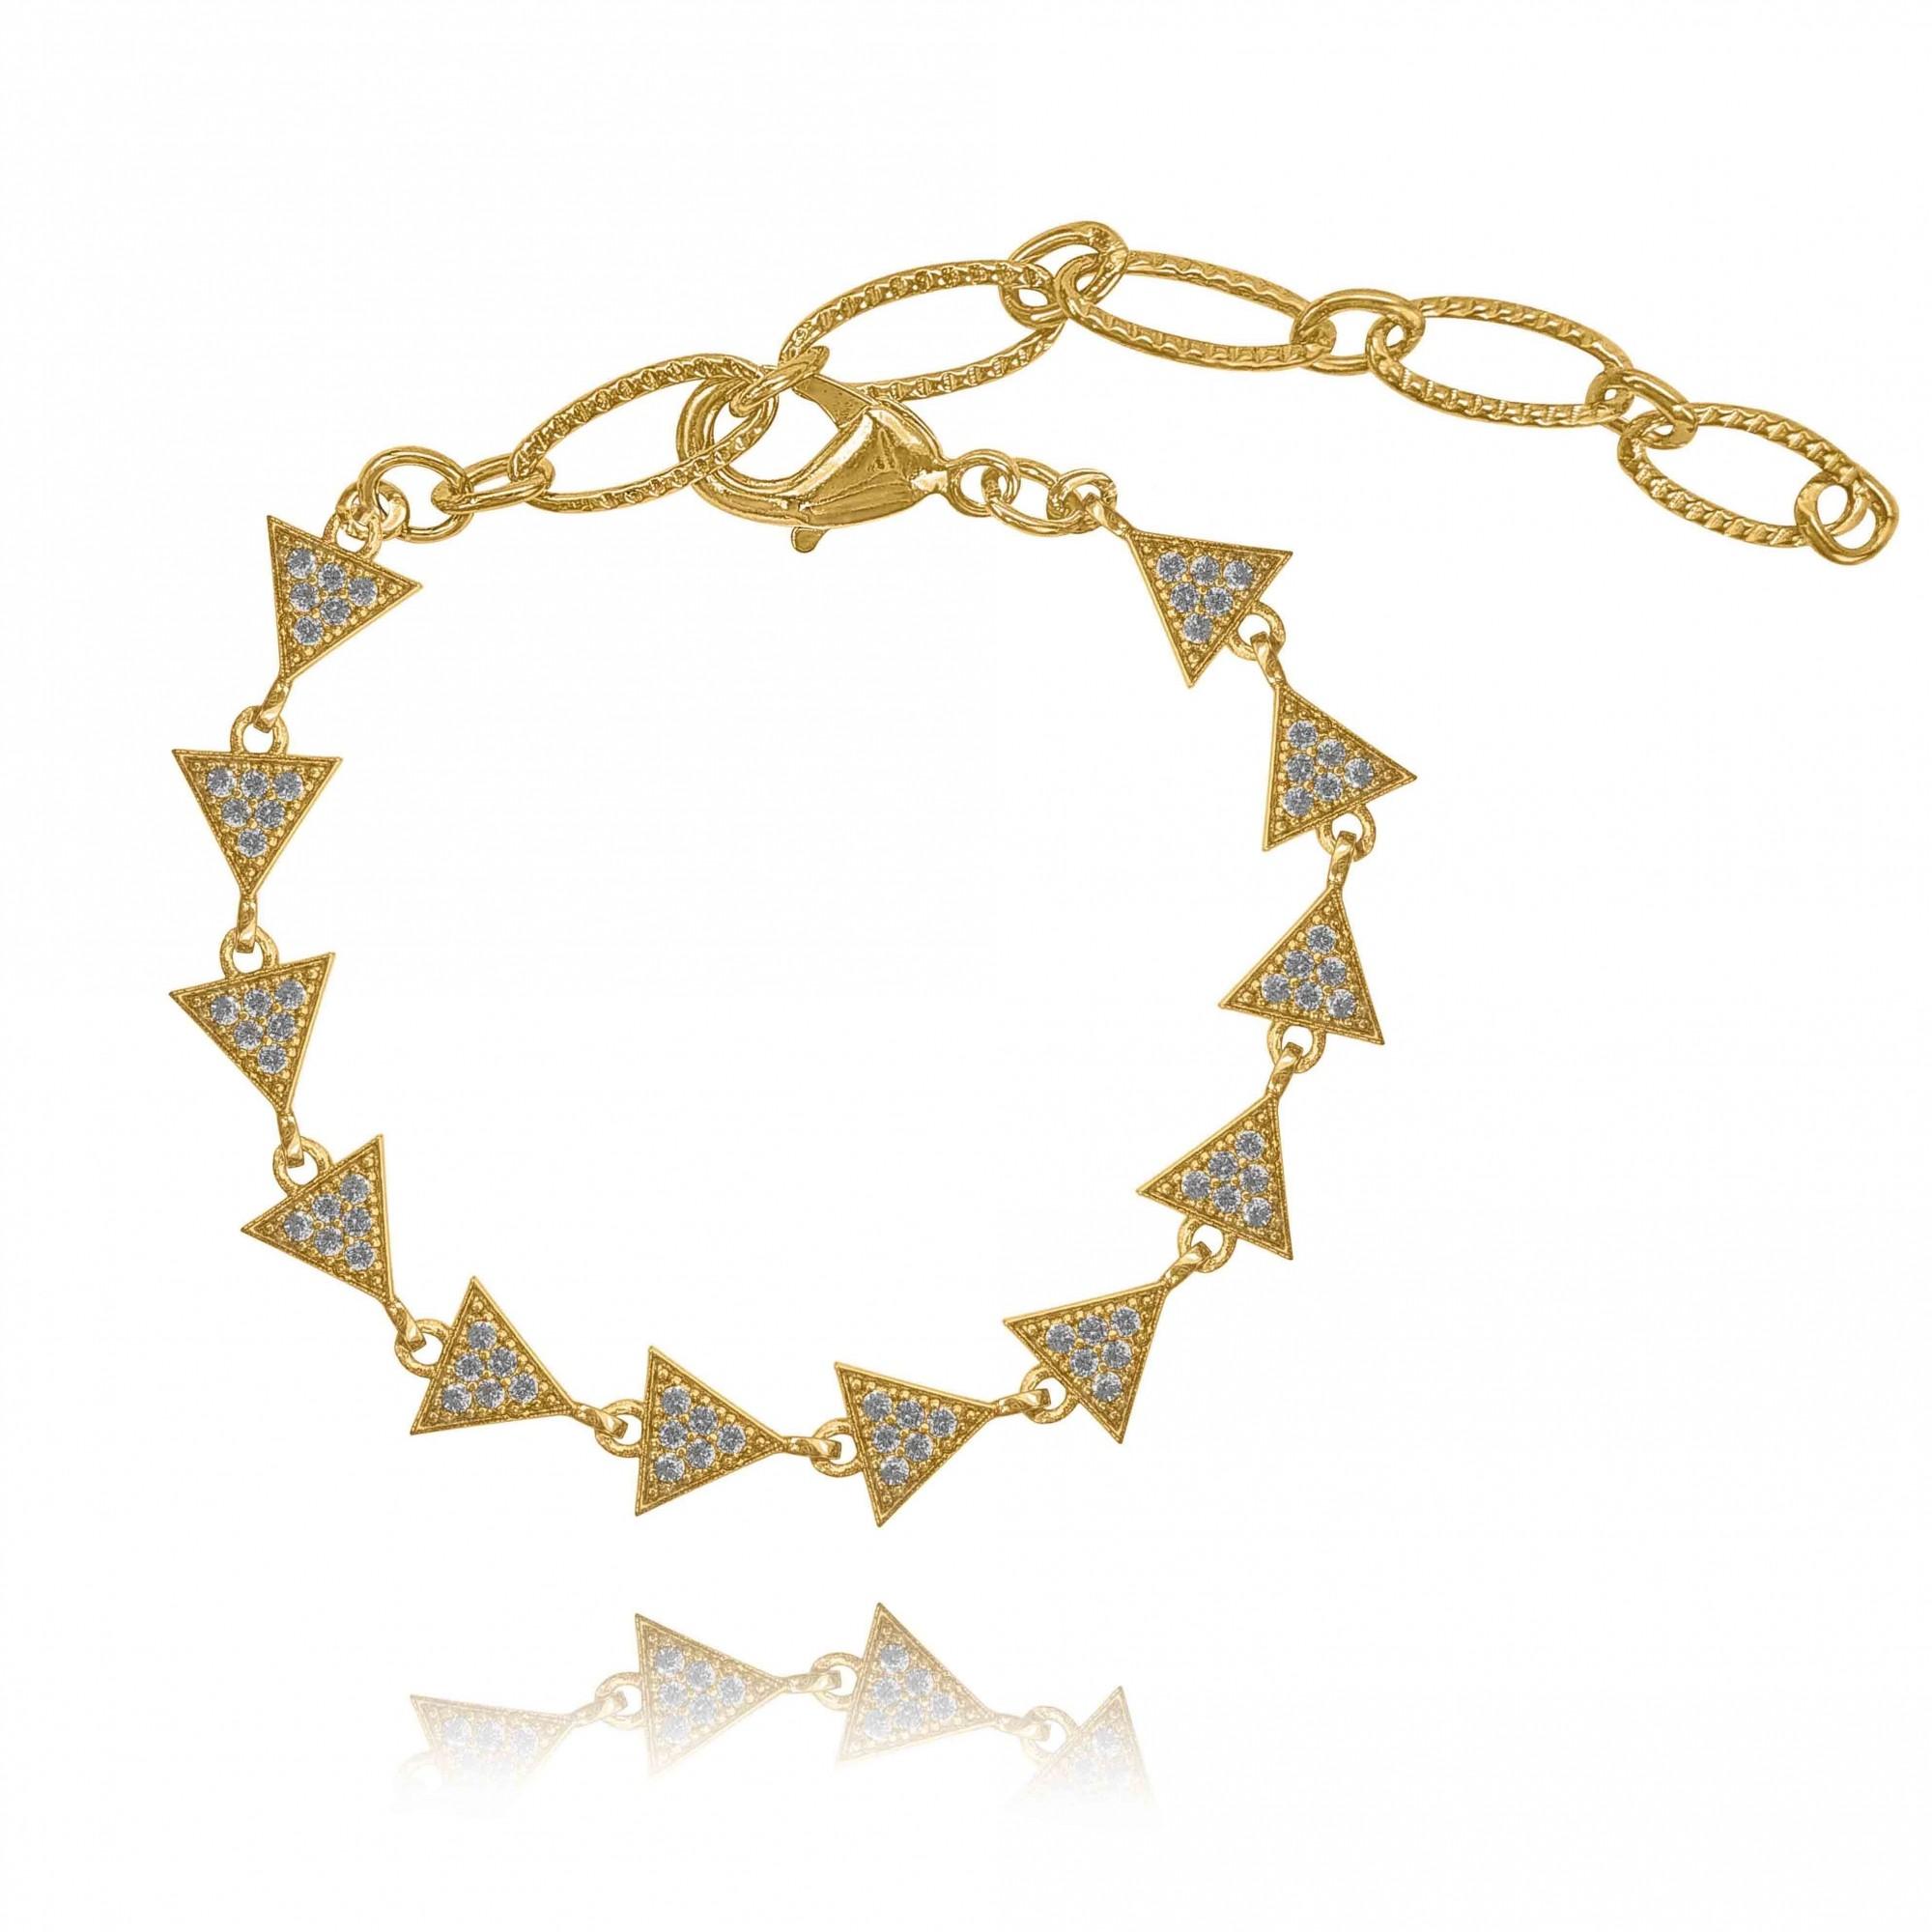 Pulseira Multi Triângulos com Zircônias Folheado a Ouro 18k